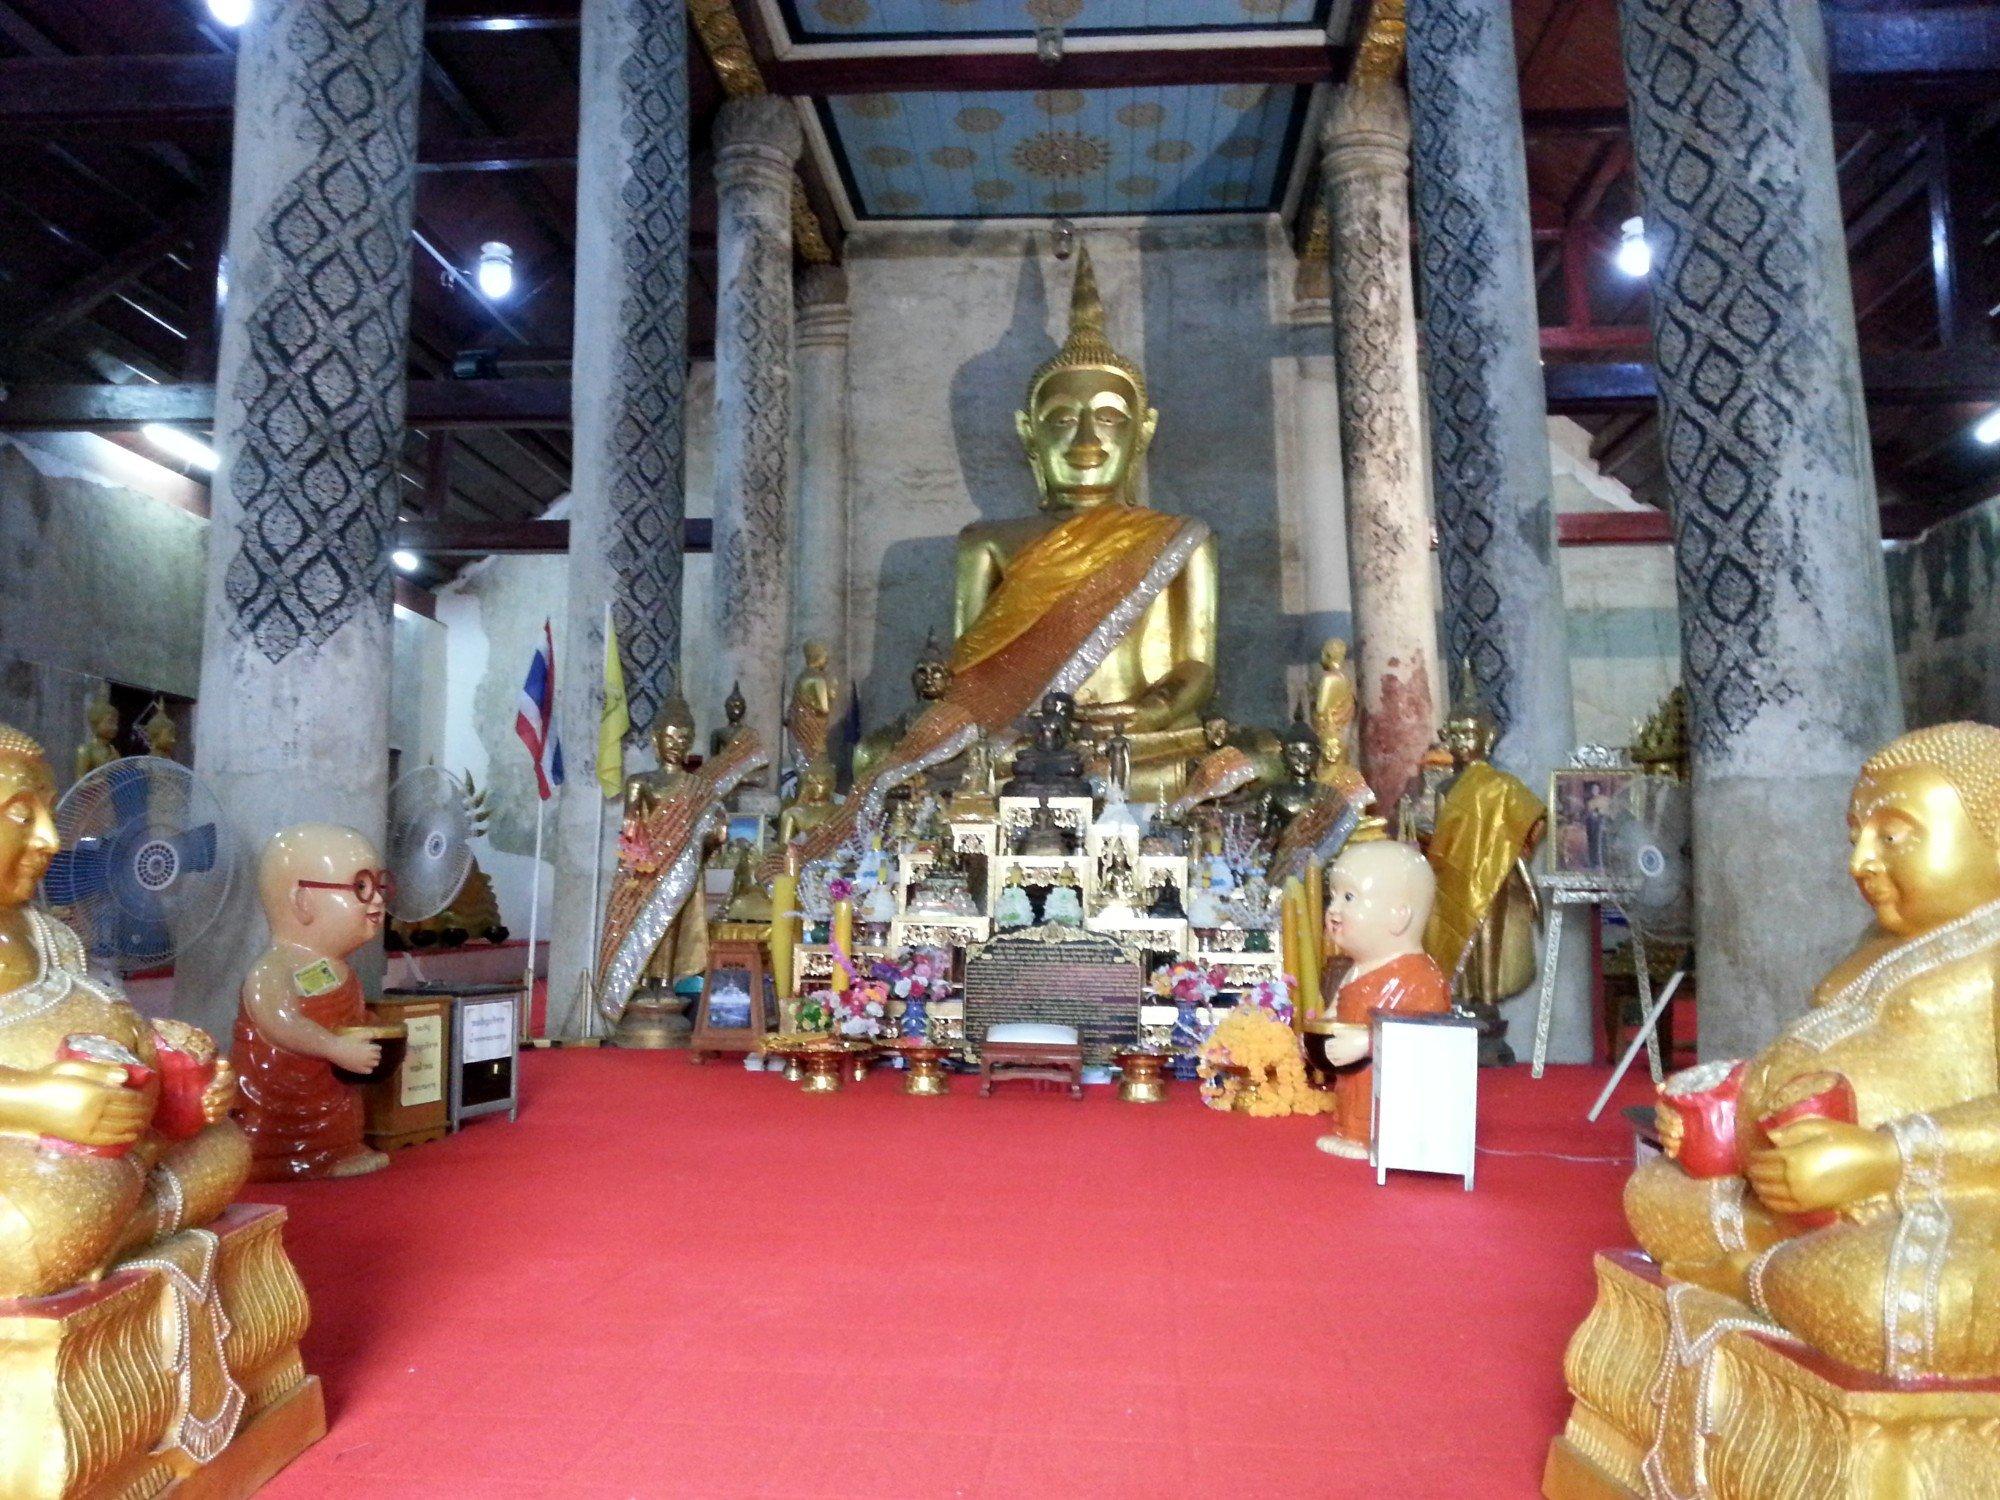 Inside the prayer hall at Wat Phra Brommathat Thung Yang